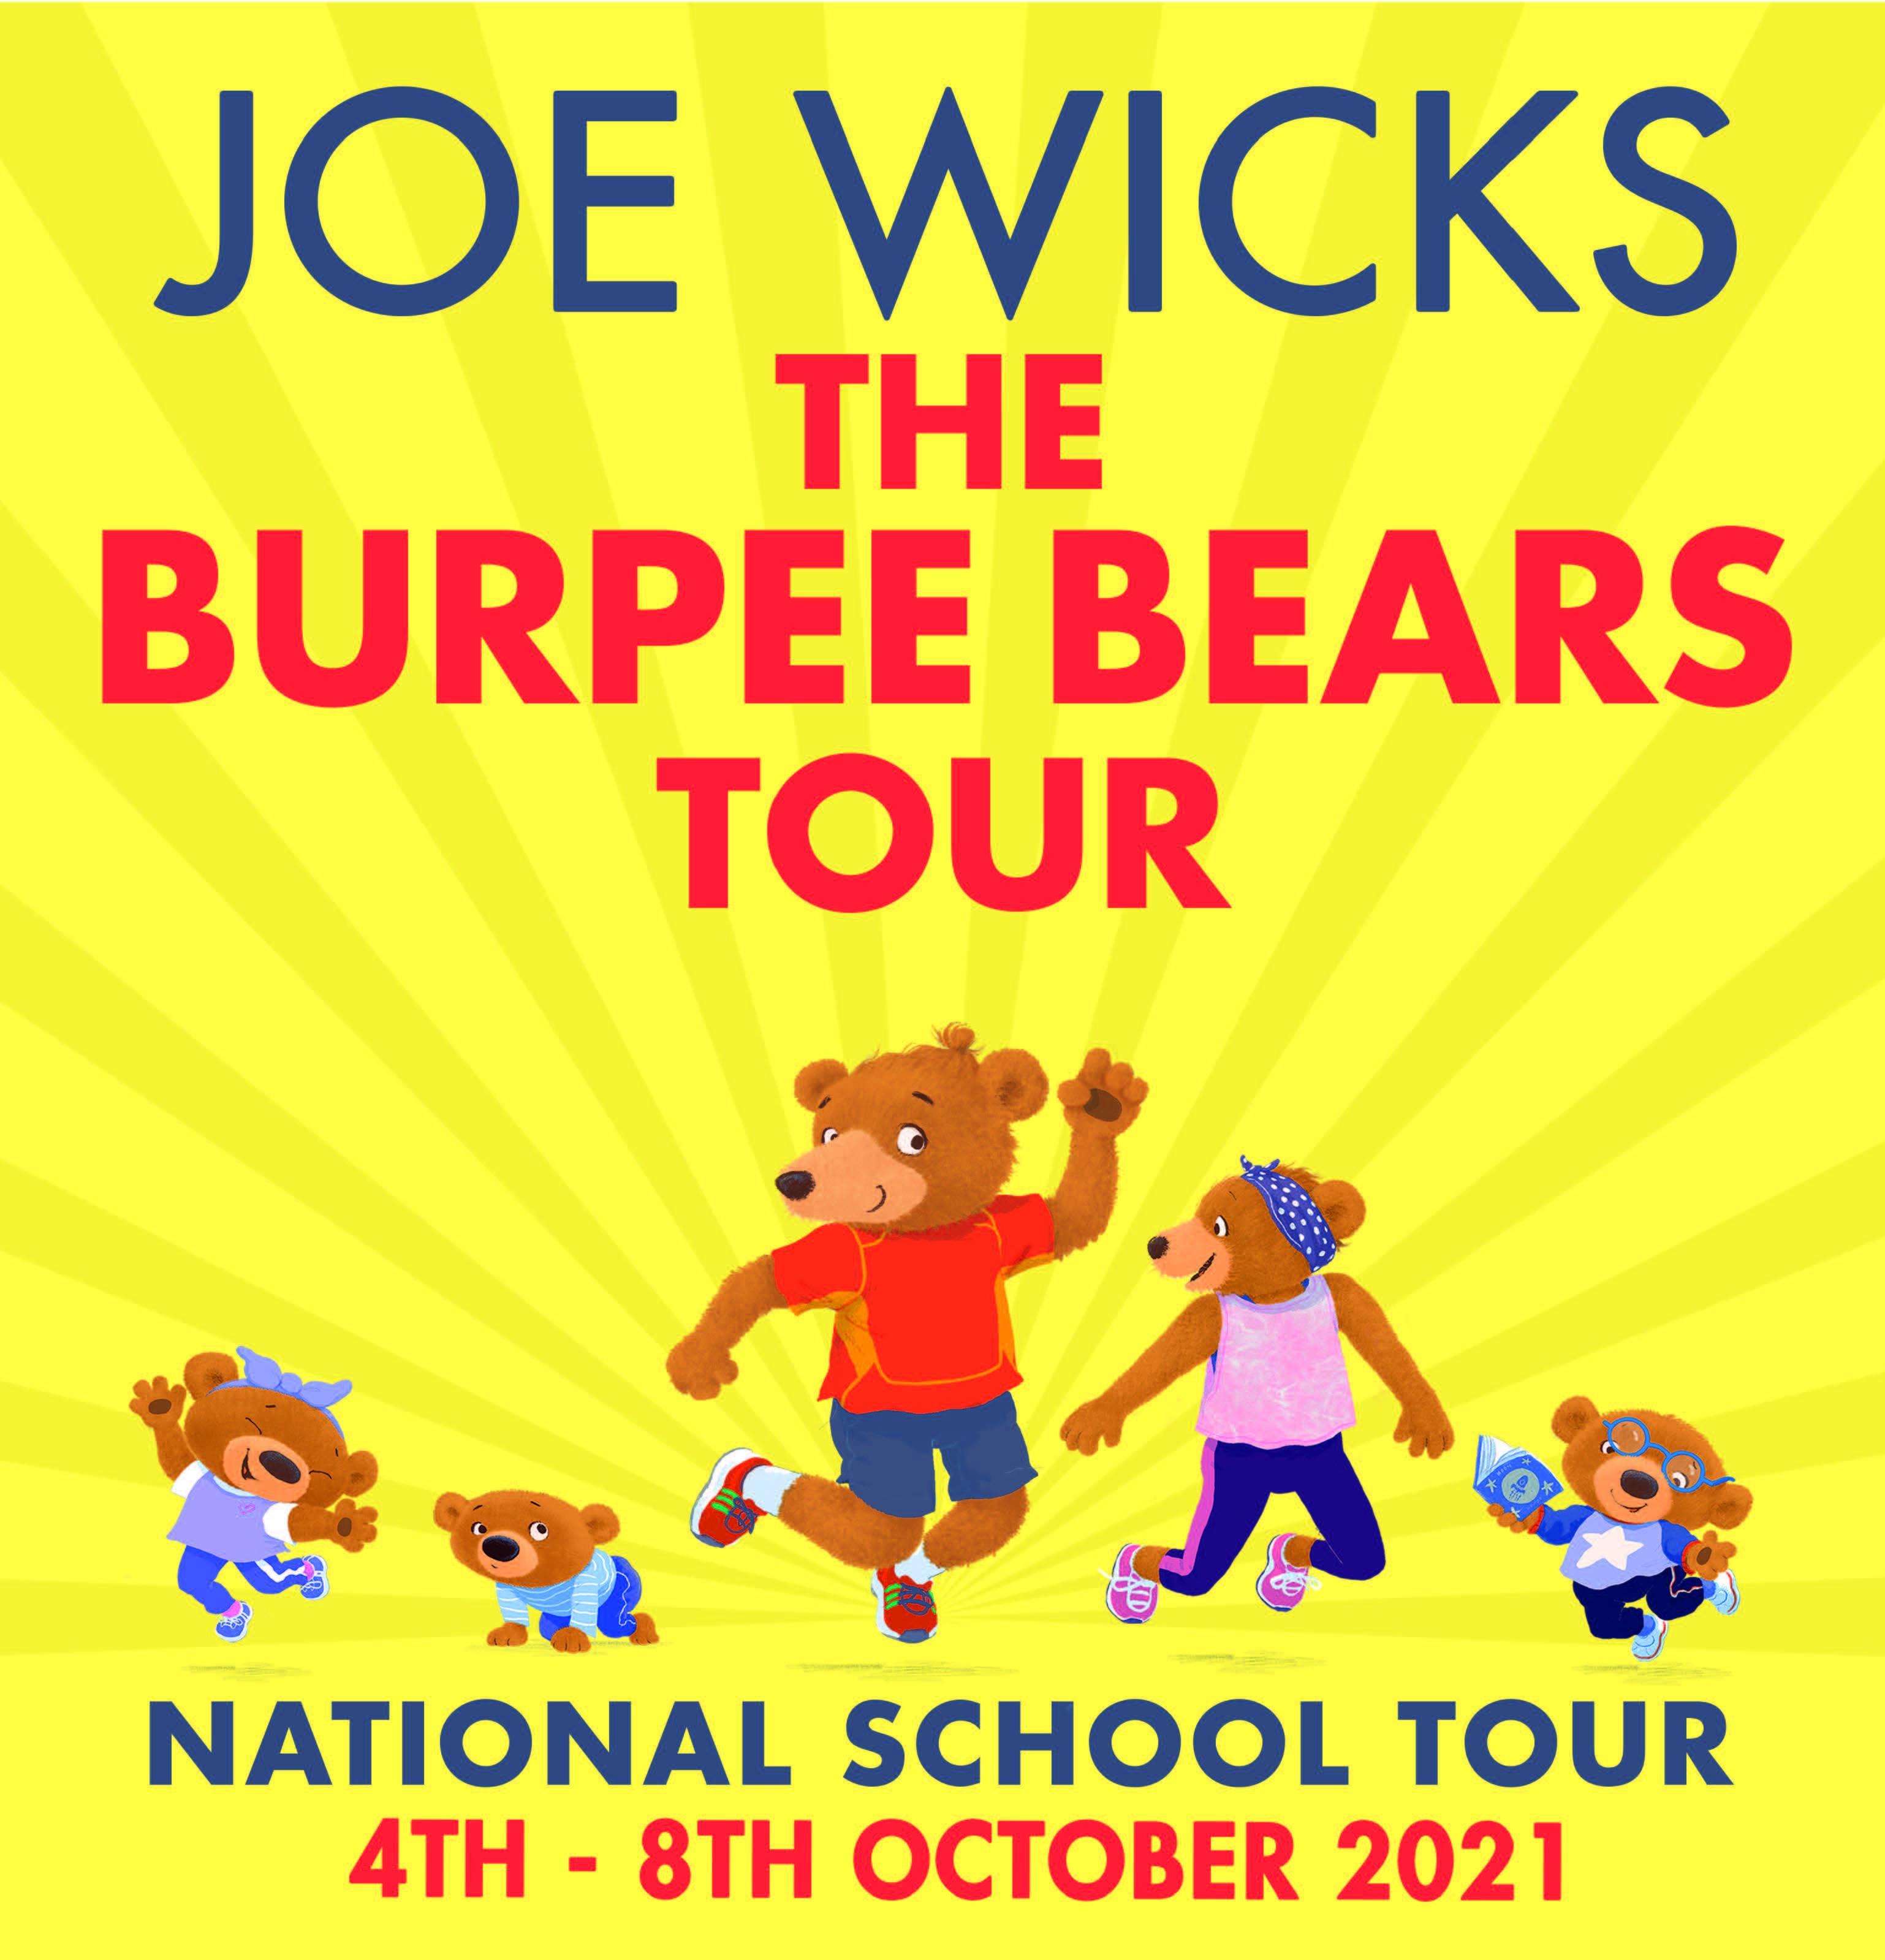 The Burpee Bears Tour